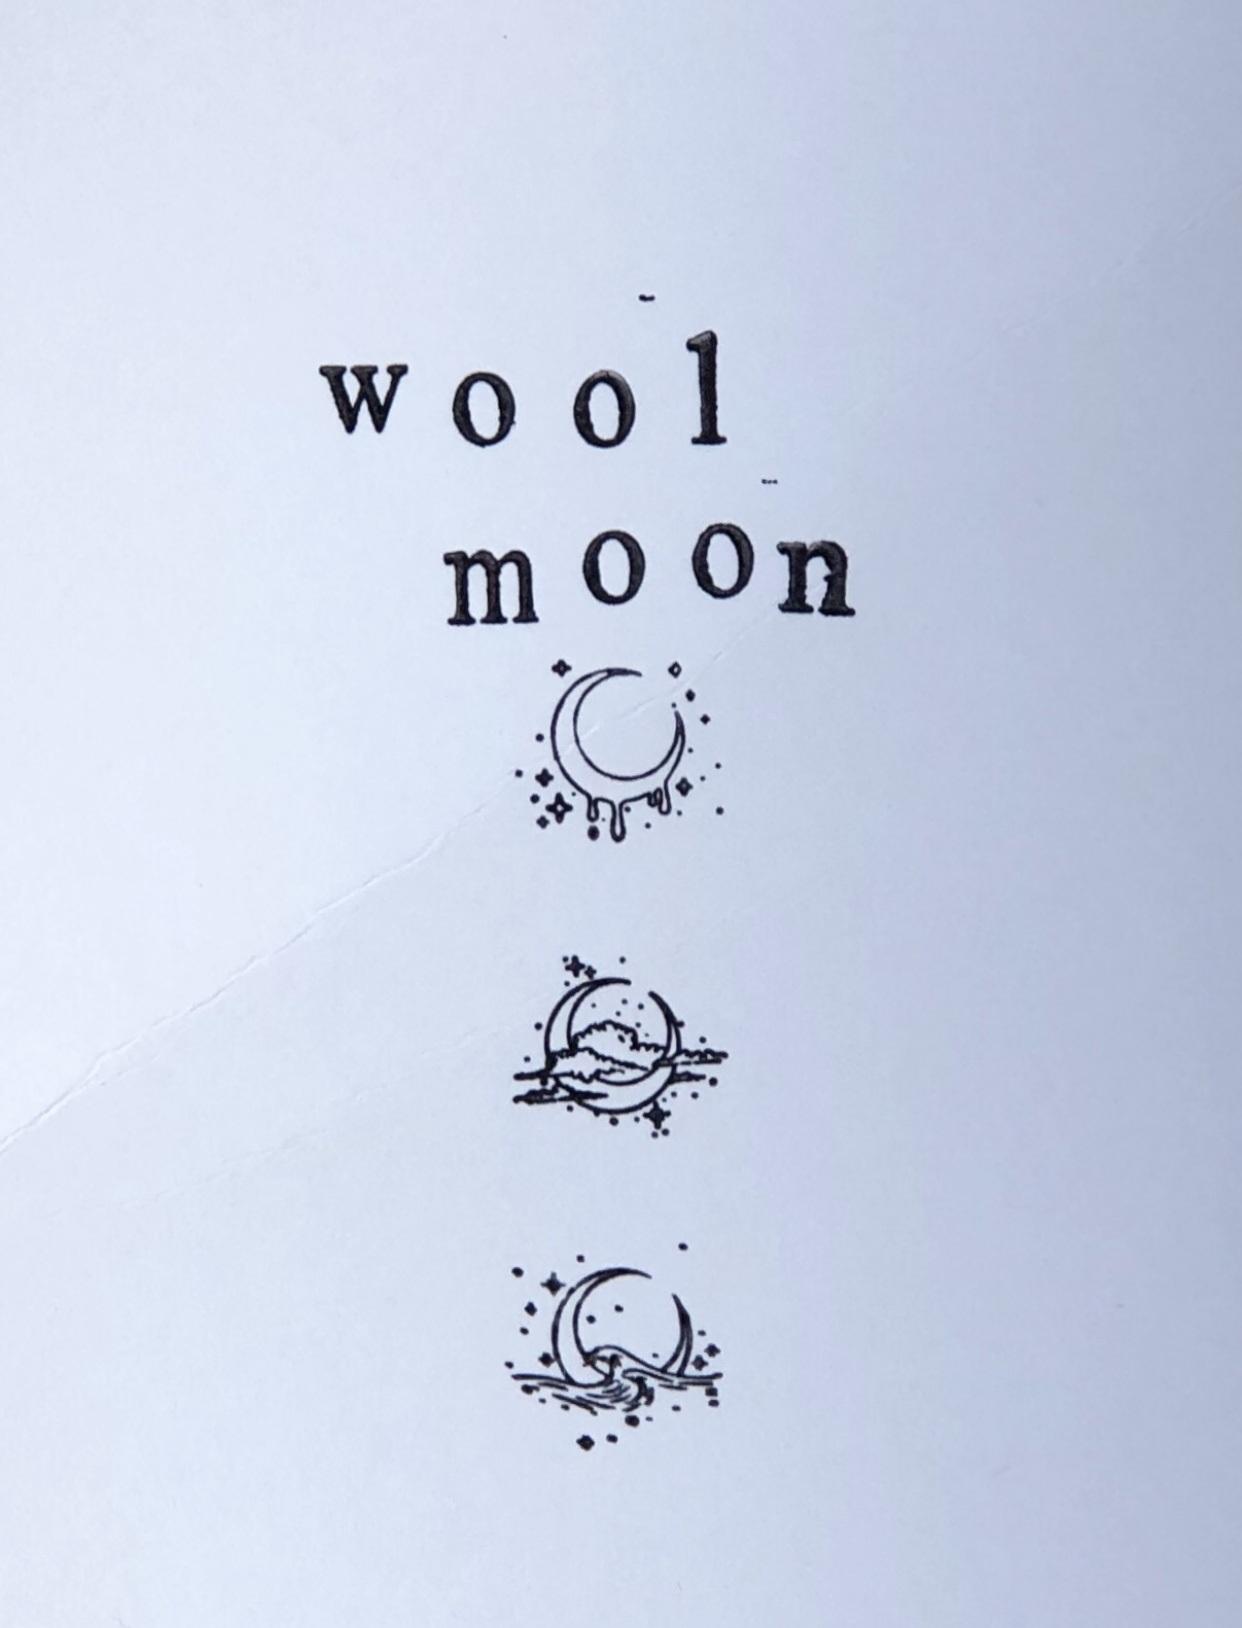 woolmoon designs